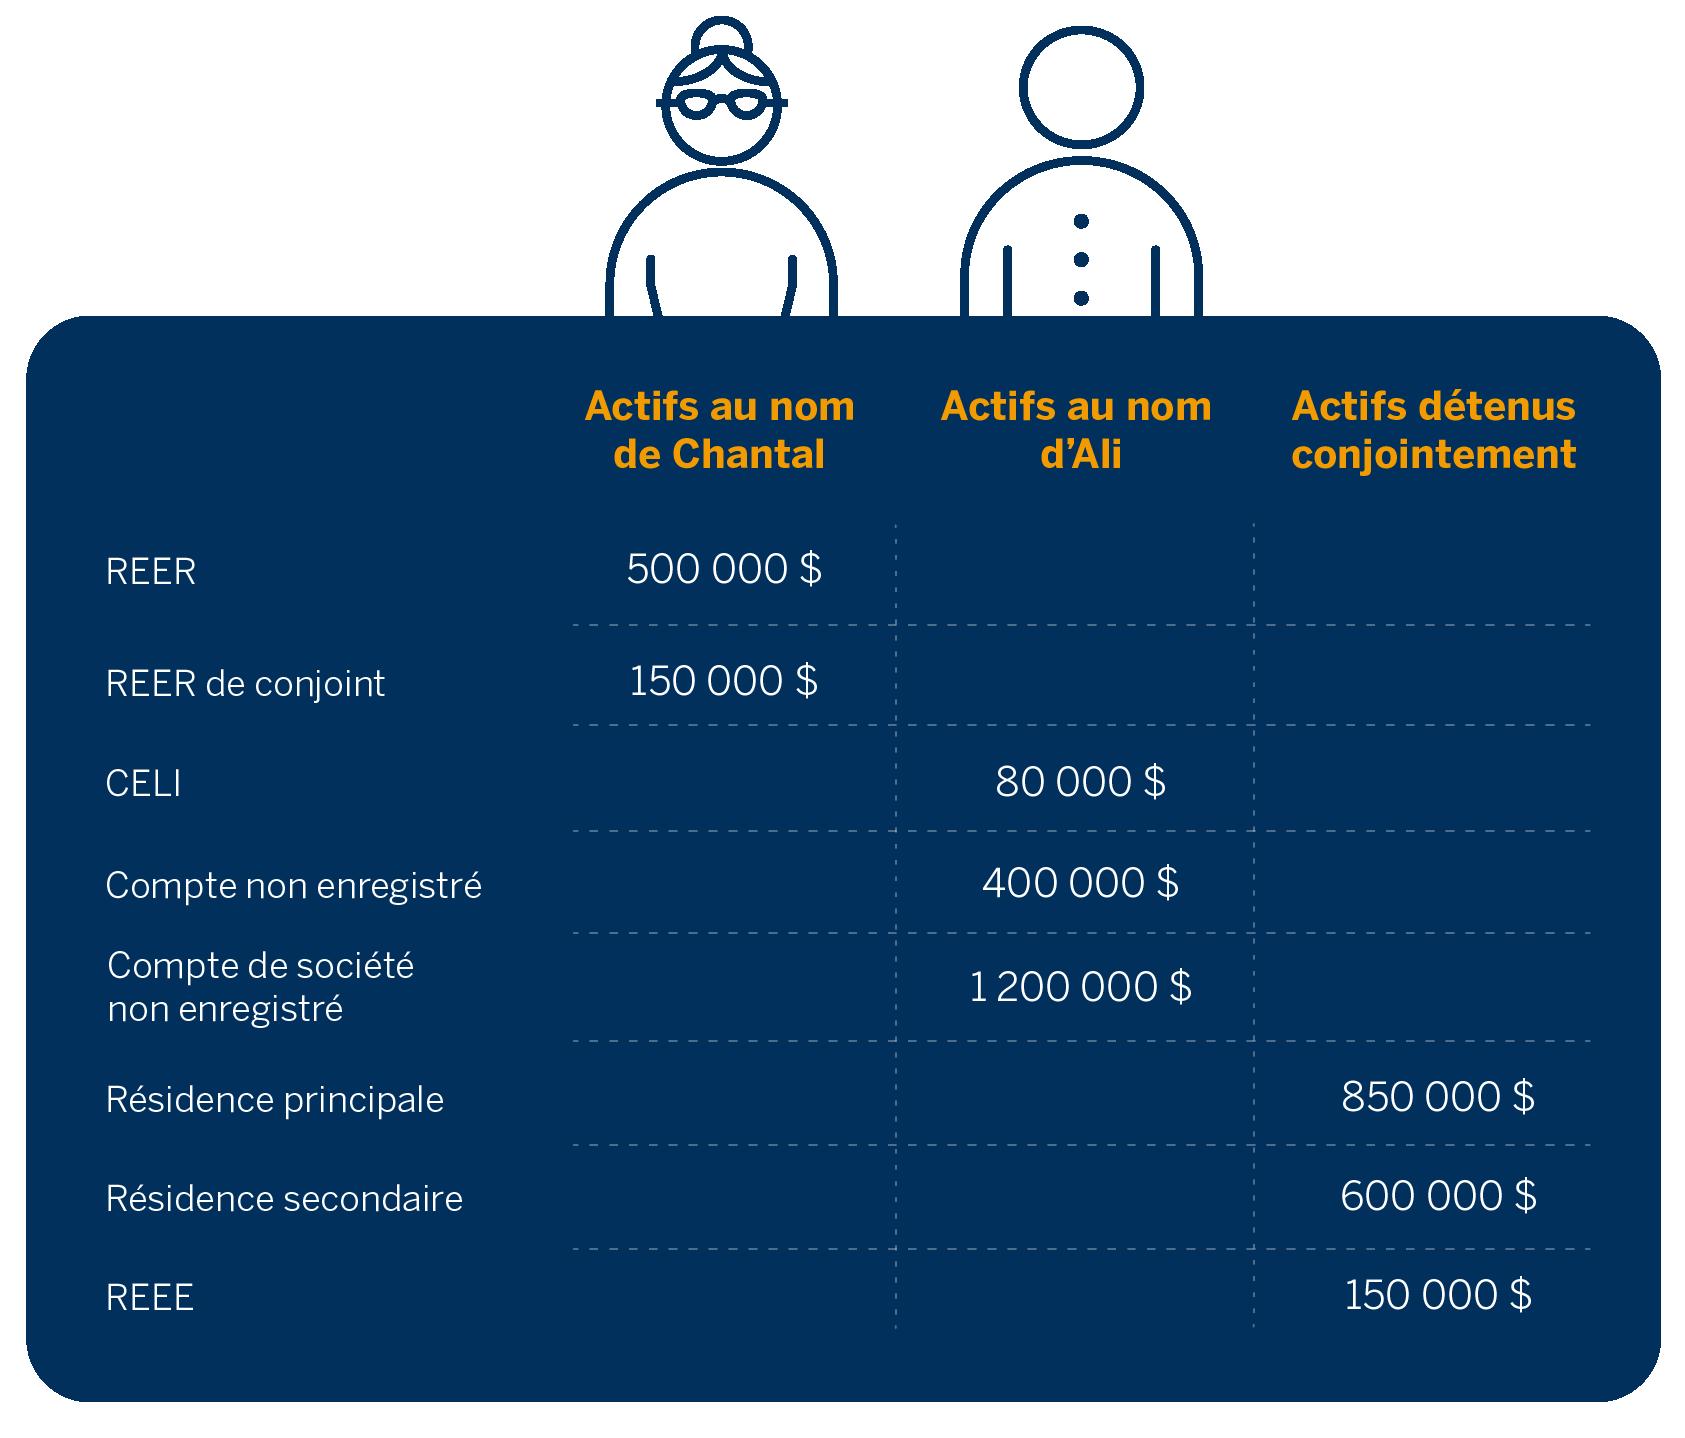 Texte de remplacement : Un tableau illustrant les actifs au nom de Chantal, les actifs au nom d'Ali et les actifs détenus conjointement